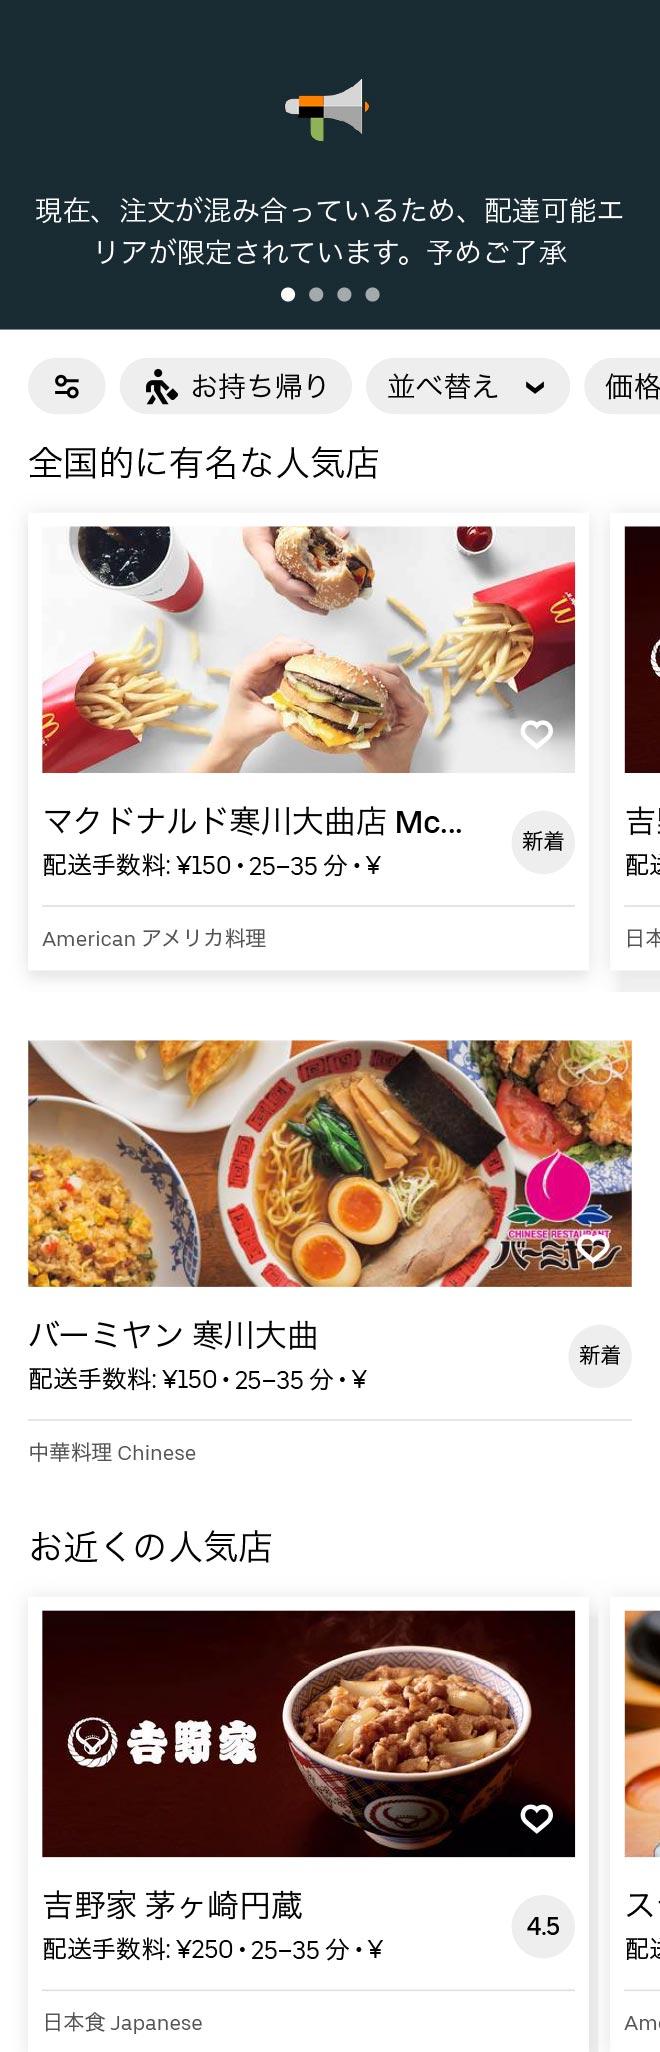 Chigasaki kagawa menu 2008 01